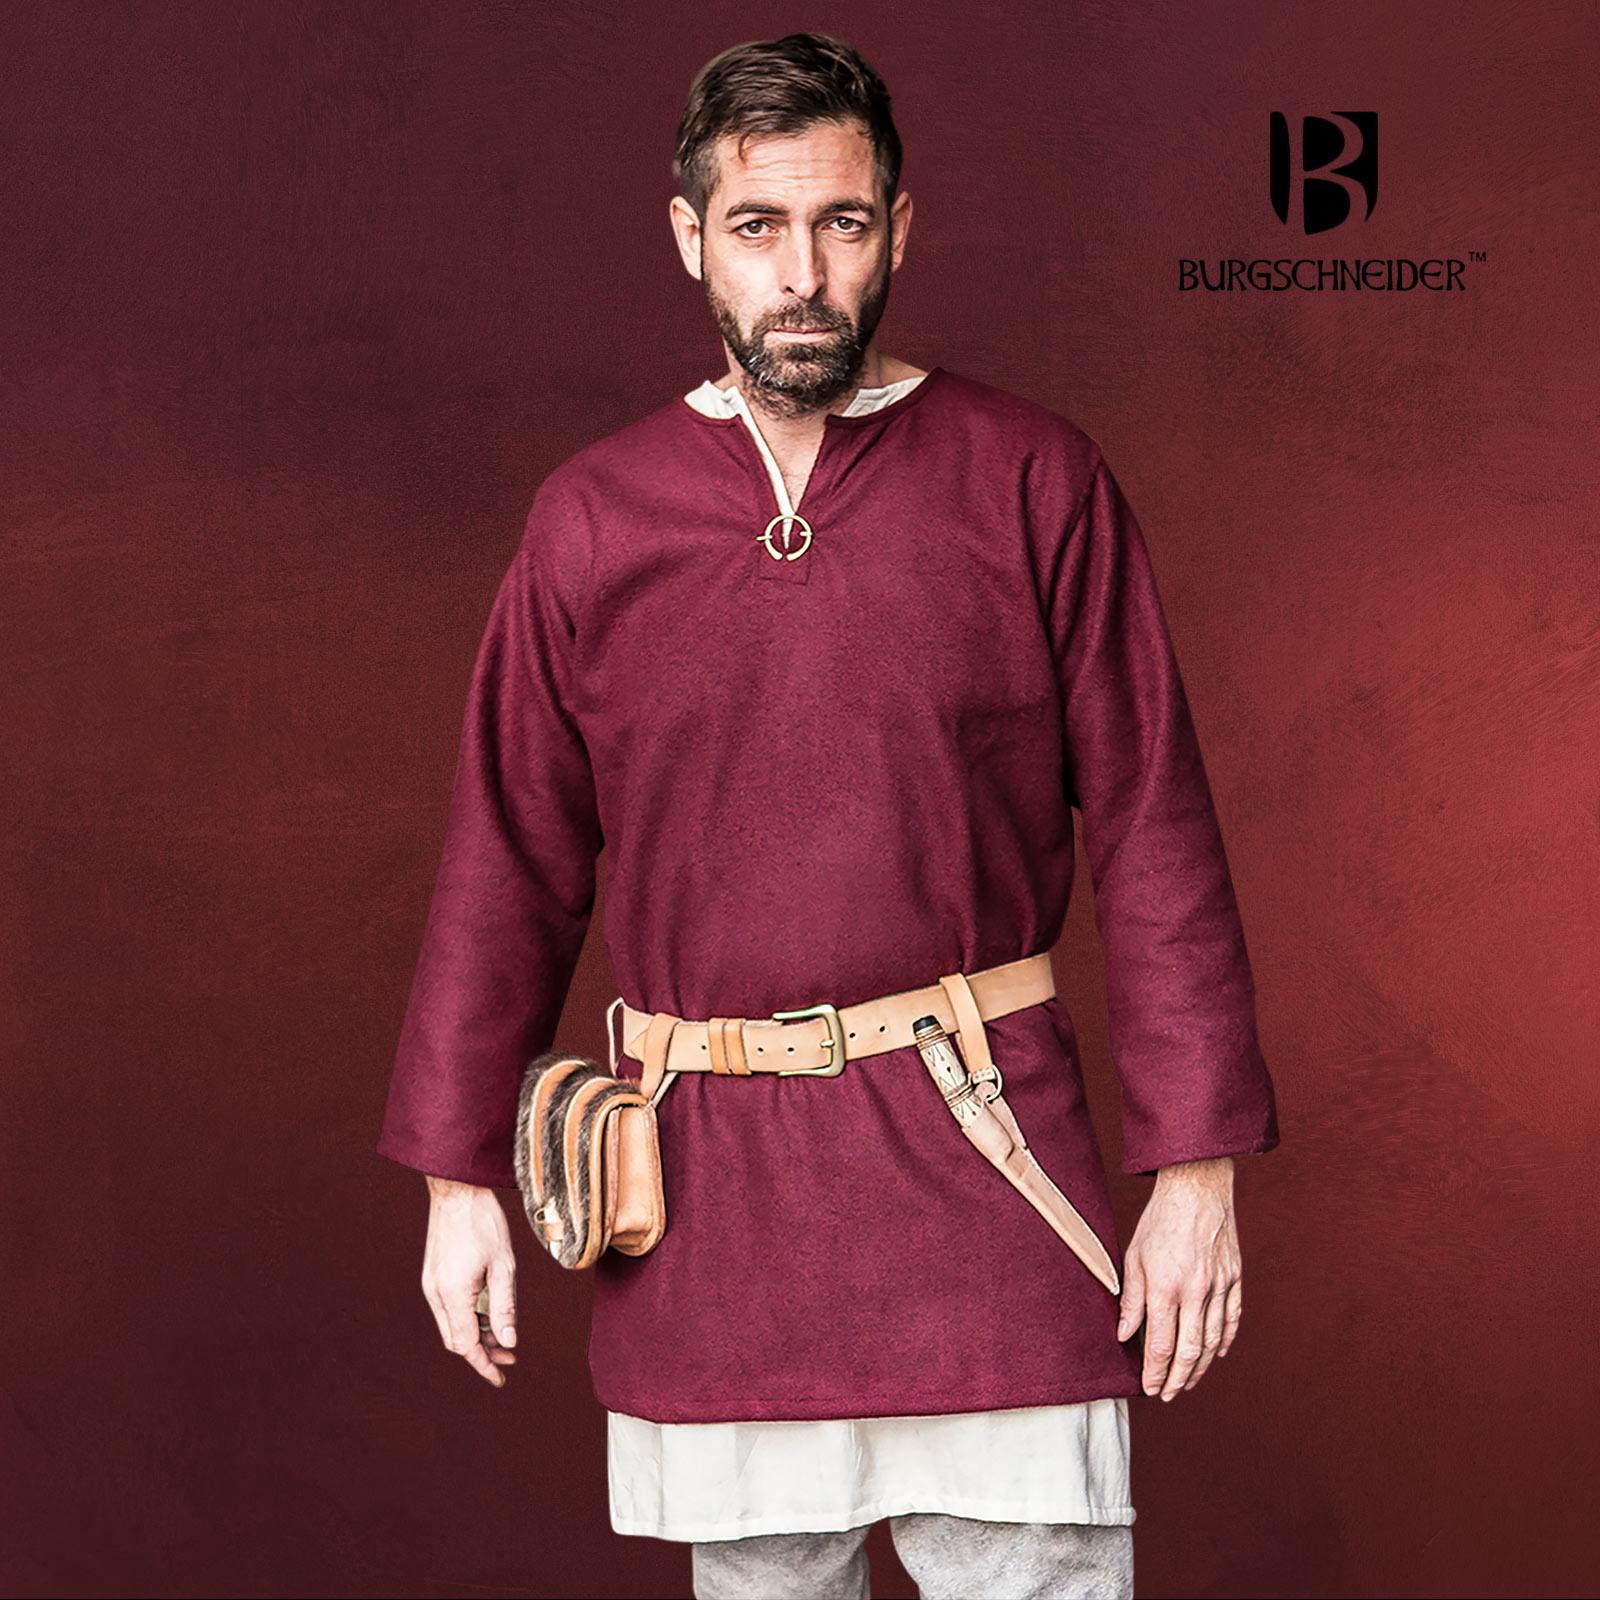 besser bestbewertet Heiß-Verkauf am neuesten Mittelalter Wolltunika Lodin rot